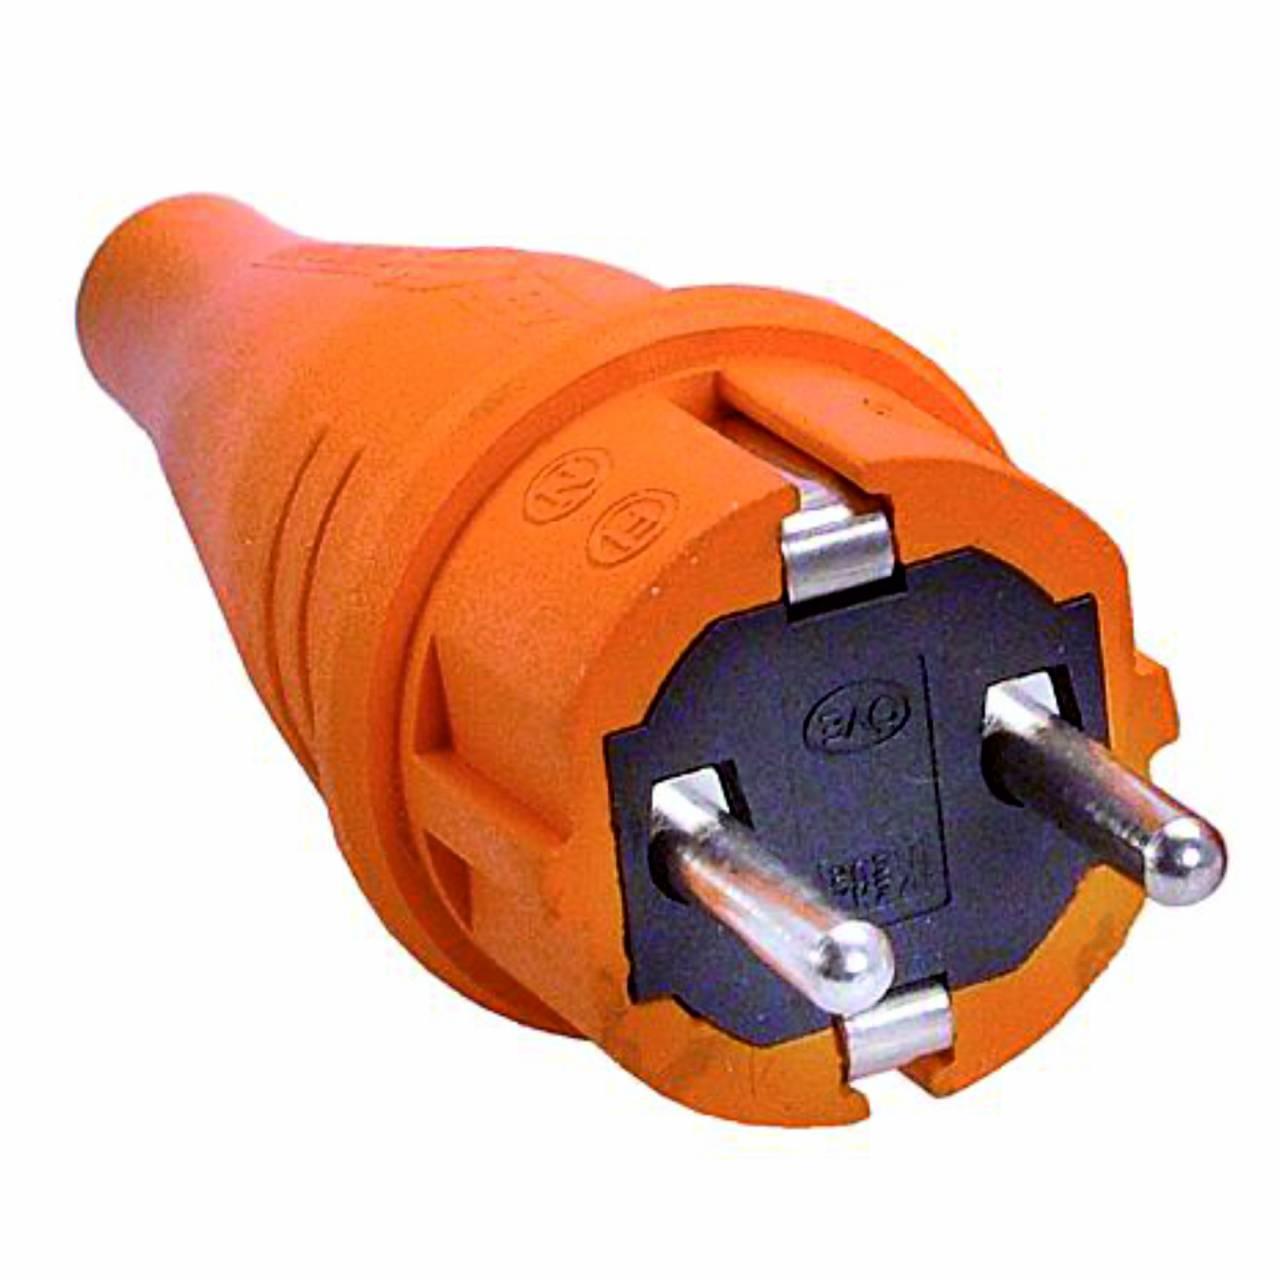 Schutzkontakt-Gummi-Stecker, orange, 230V, 16A, Außenbereich